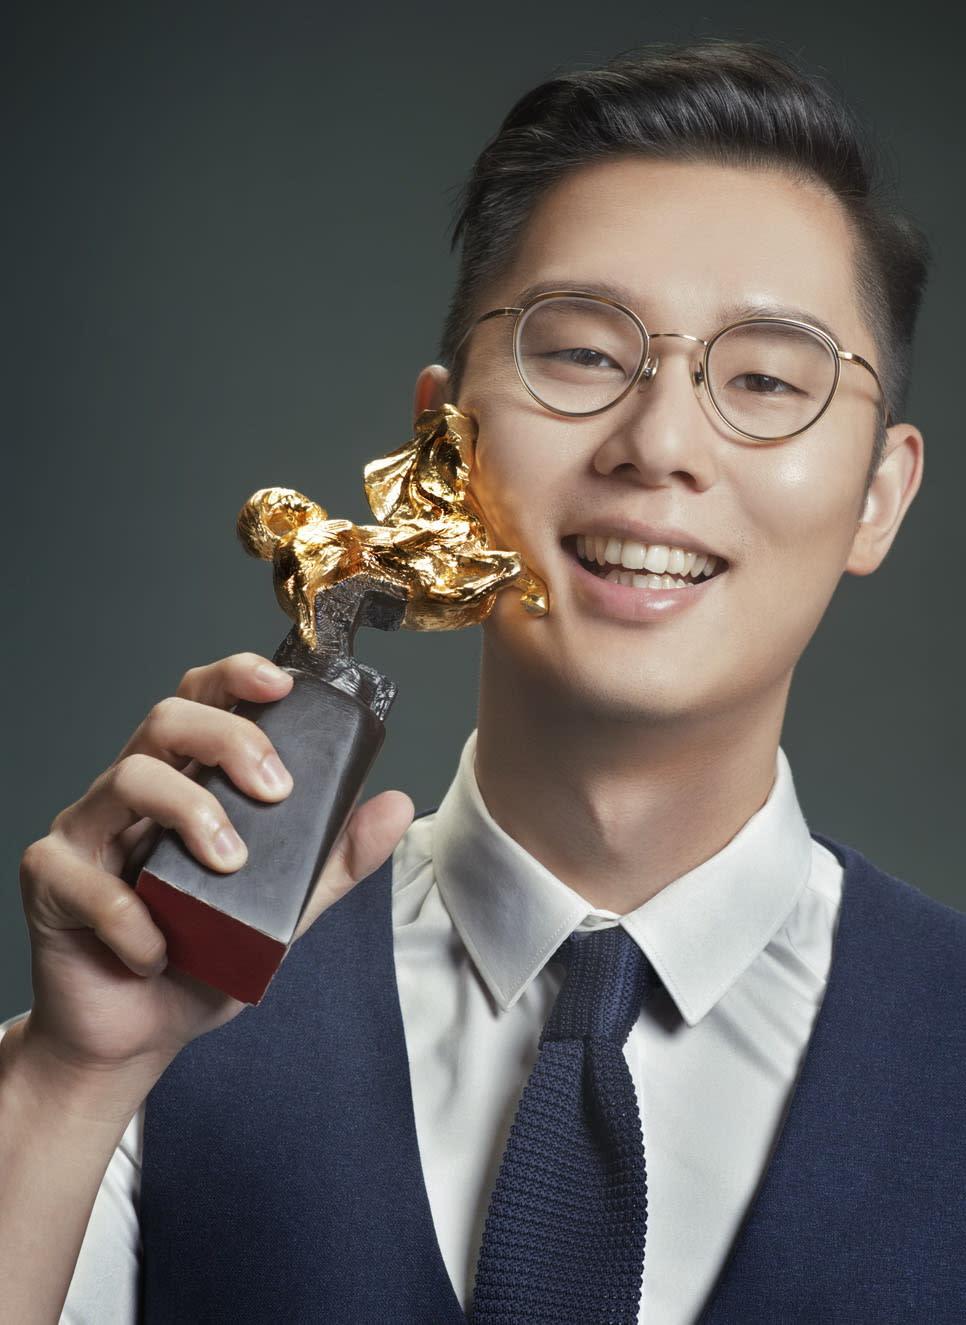 第56屆金馬獎最佳新導演入圍者:《聖人大盜》徐嘉凱